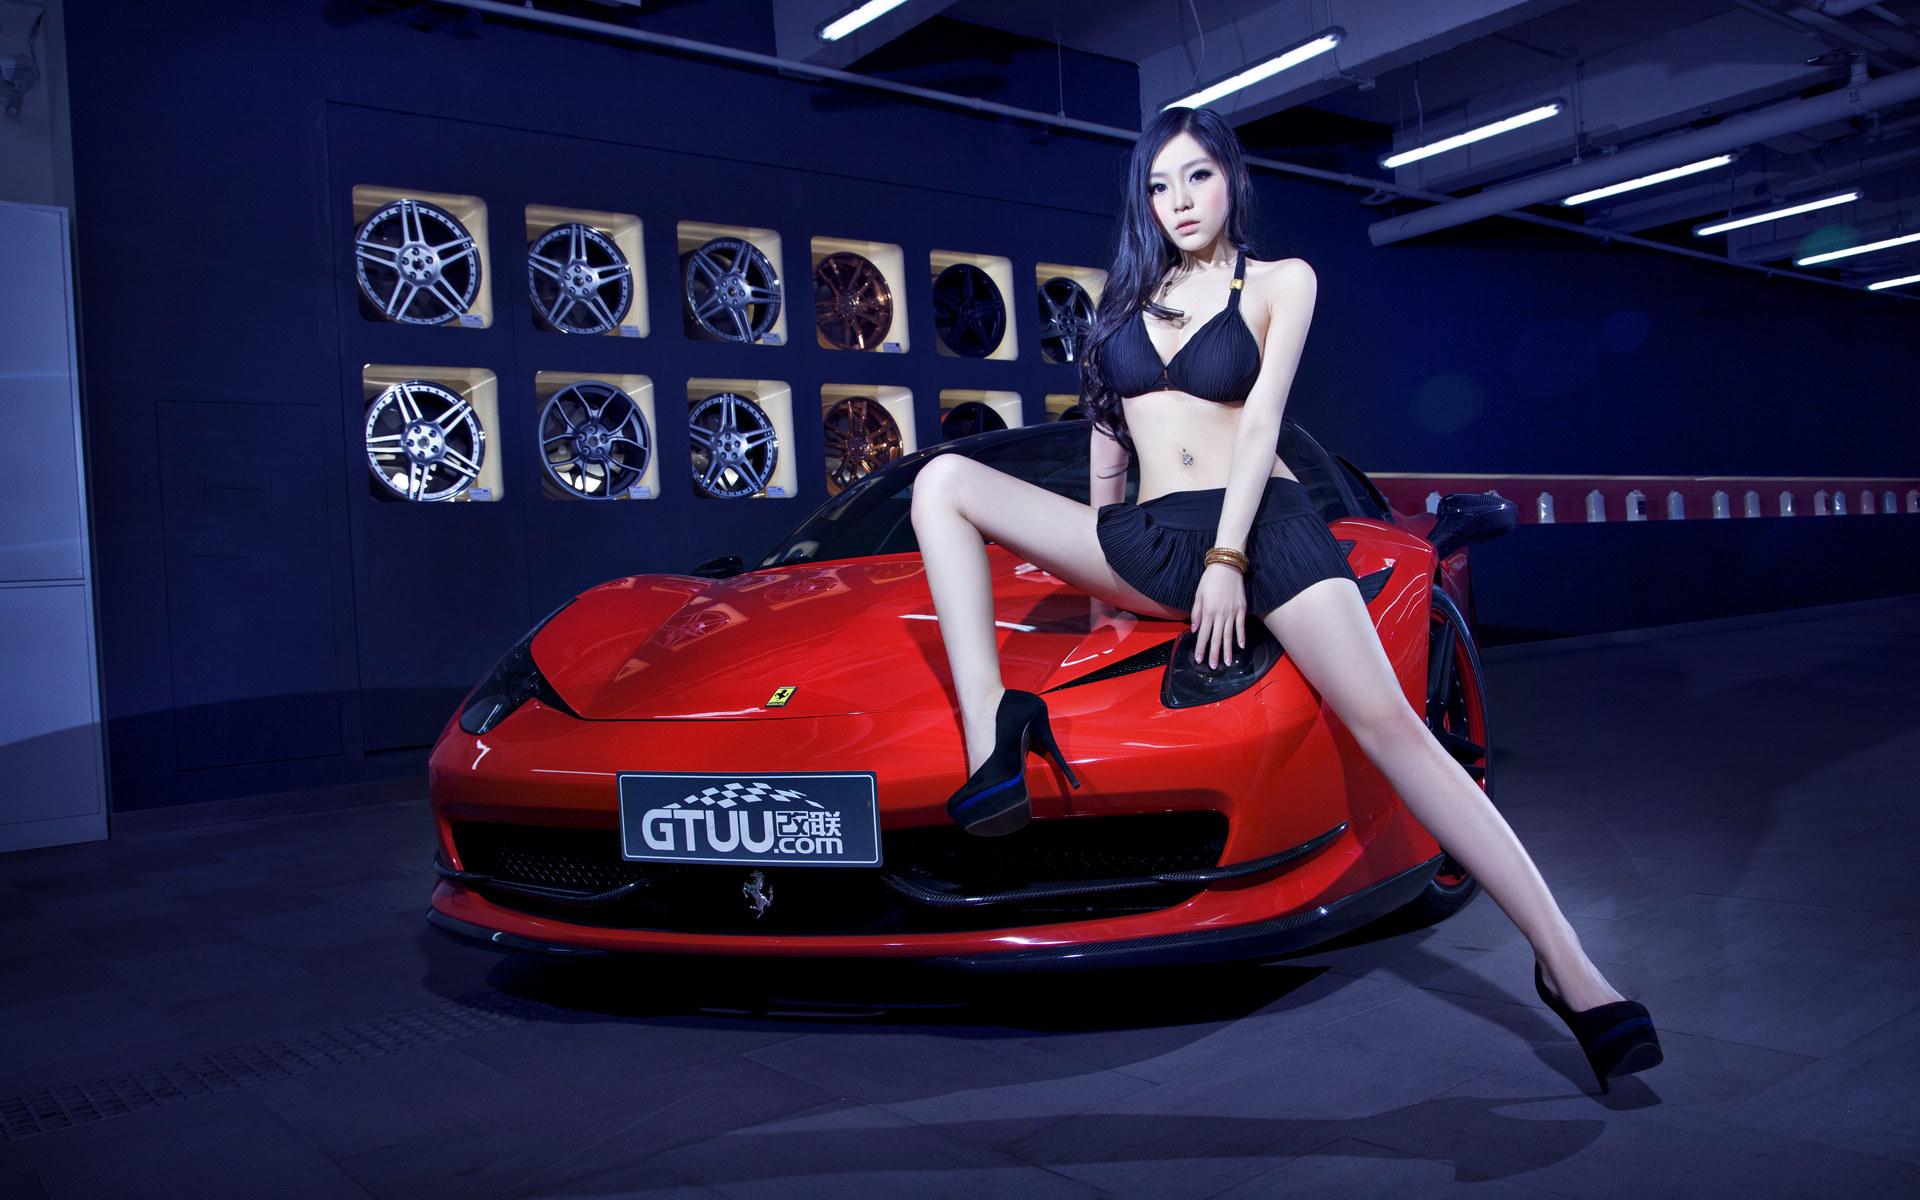 法拉利性感美女车模壁纸